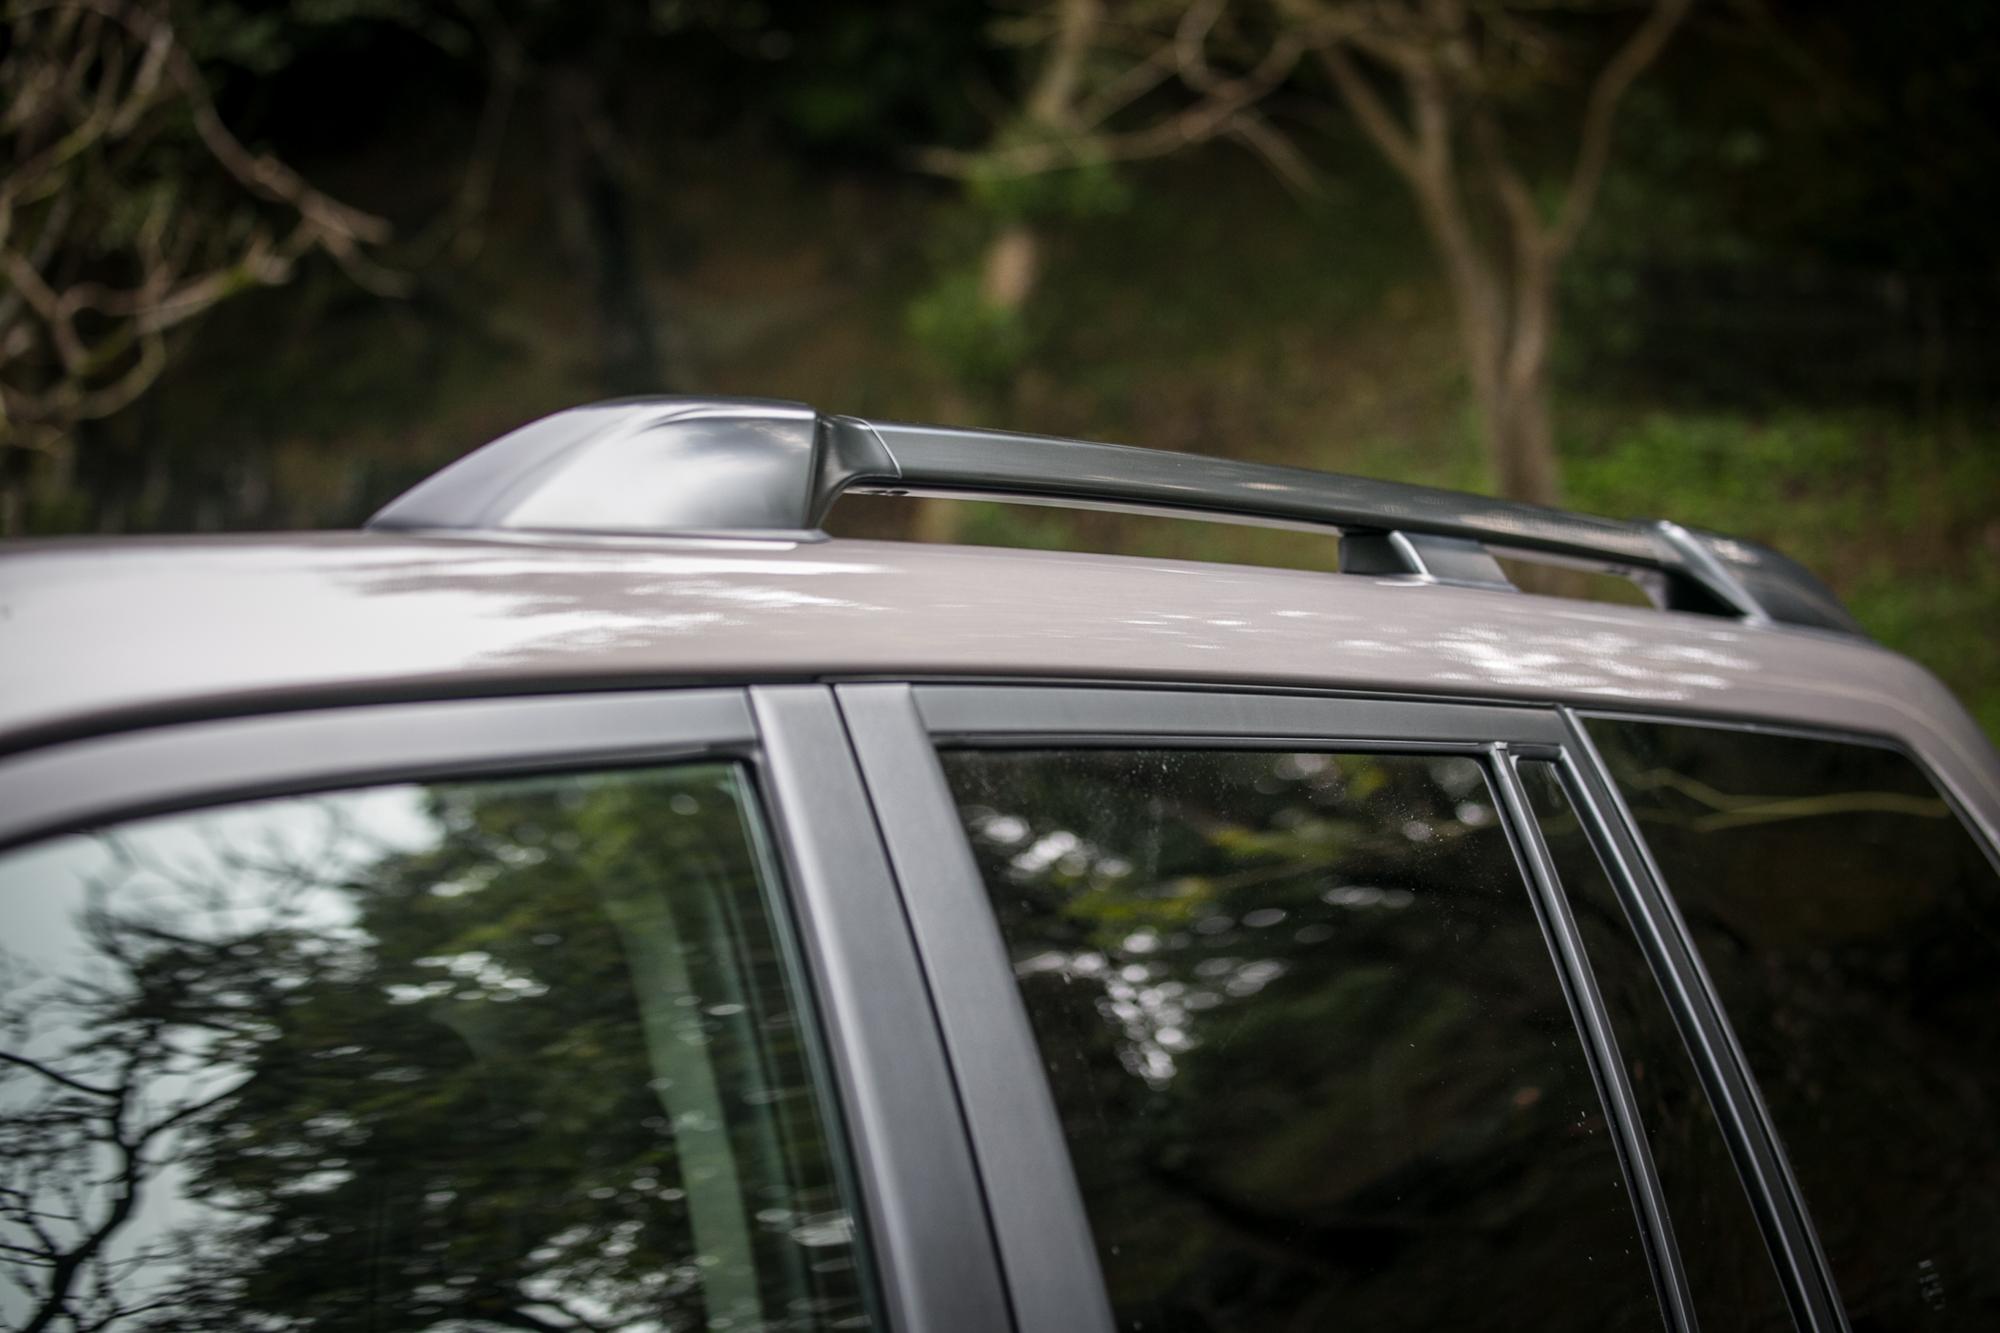 車頂粗壯的行李架大幅增加用車機能。